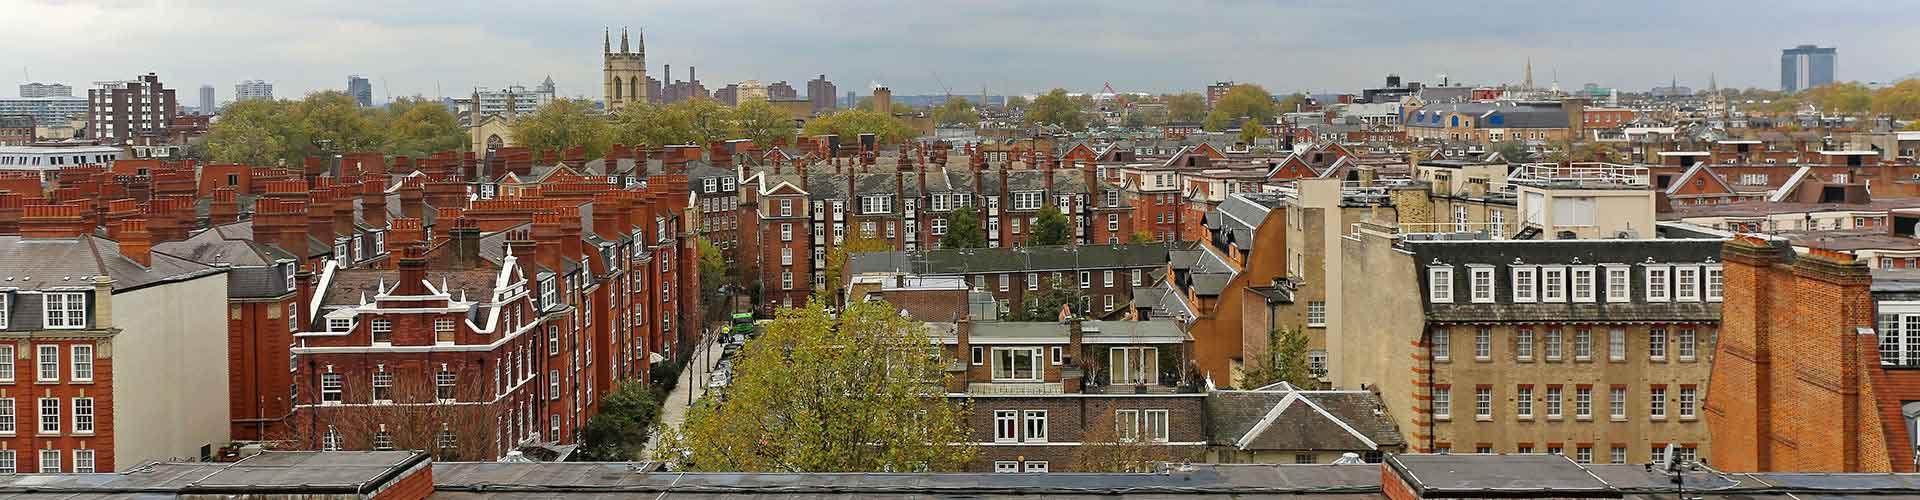 Londres - Albergues Juveniles en el distrito Sur de Kensington . Mapas de Londres, Fotos y Comentarios para cada Albergue Juvenil en Londres.